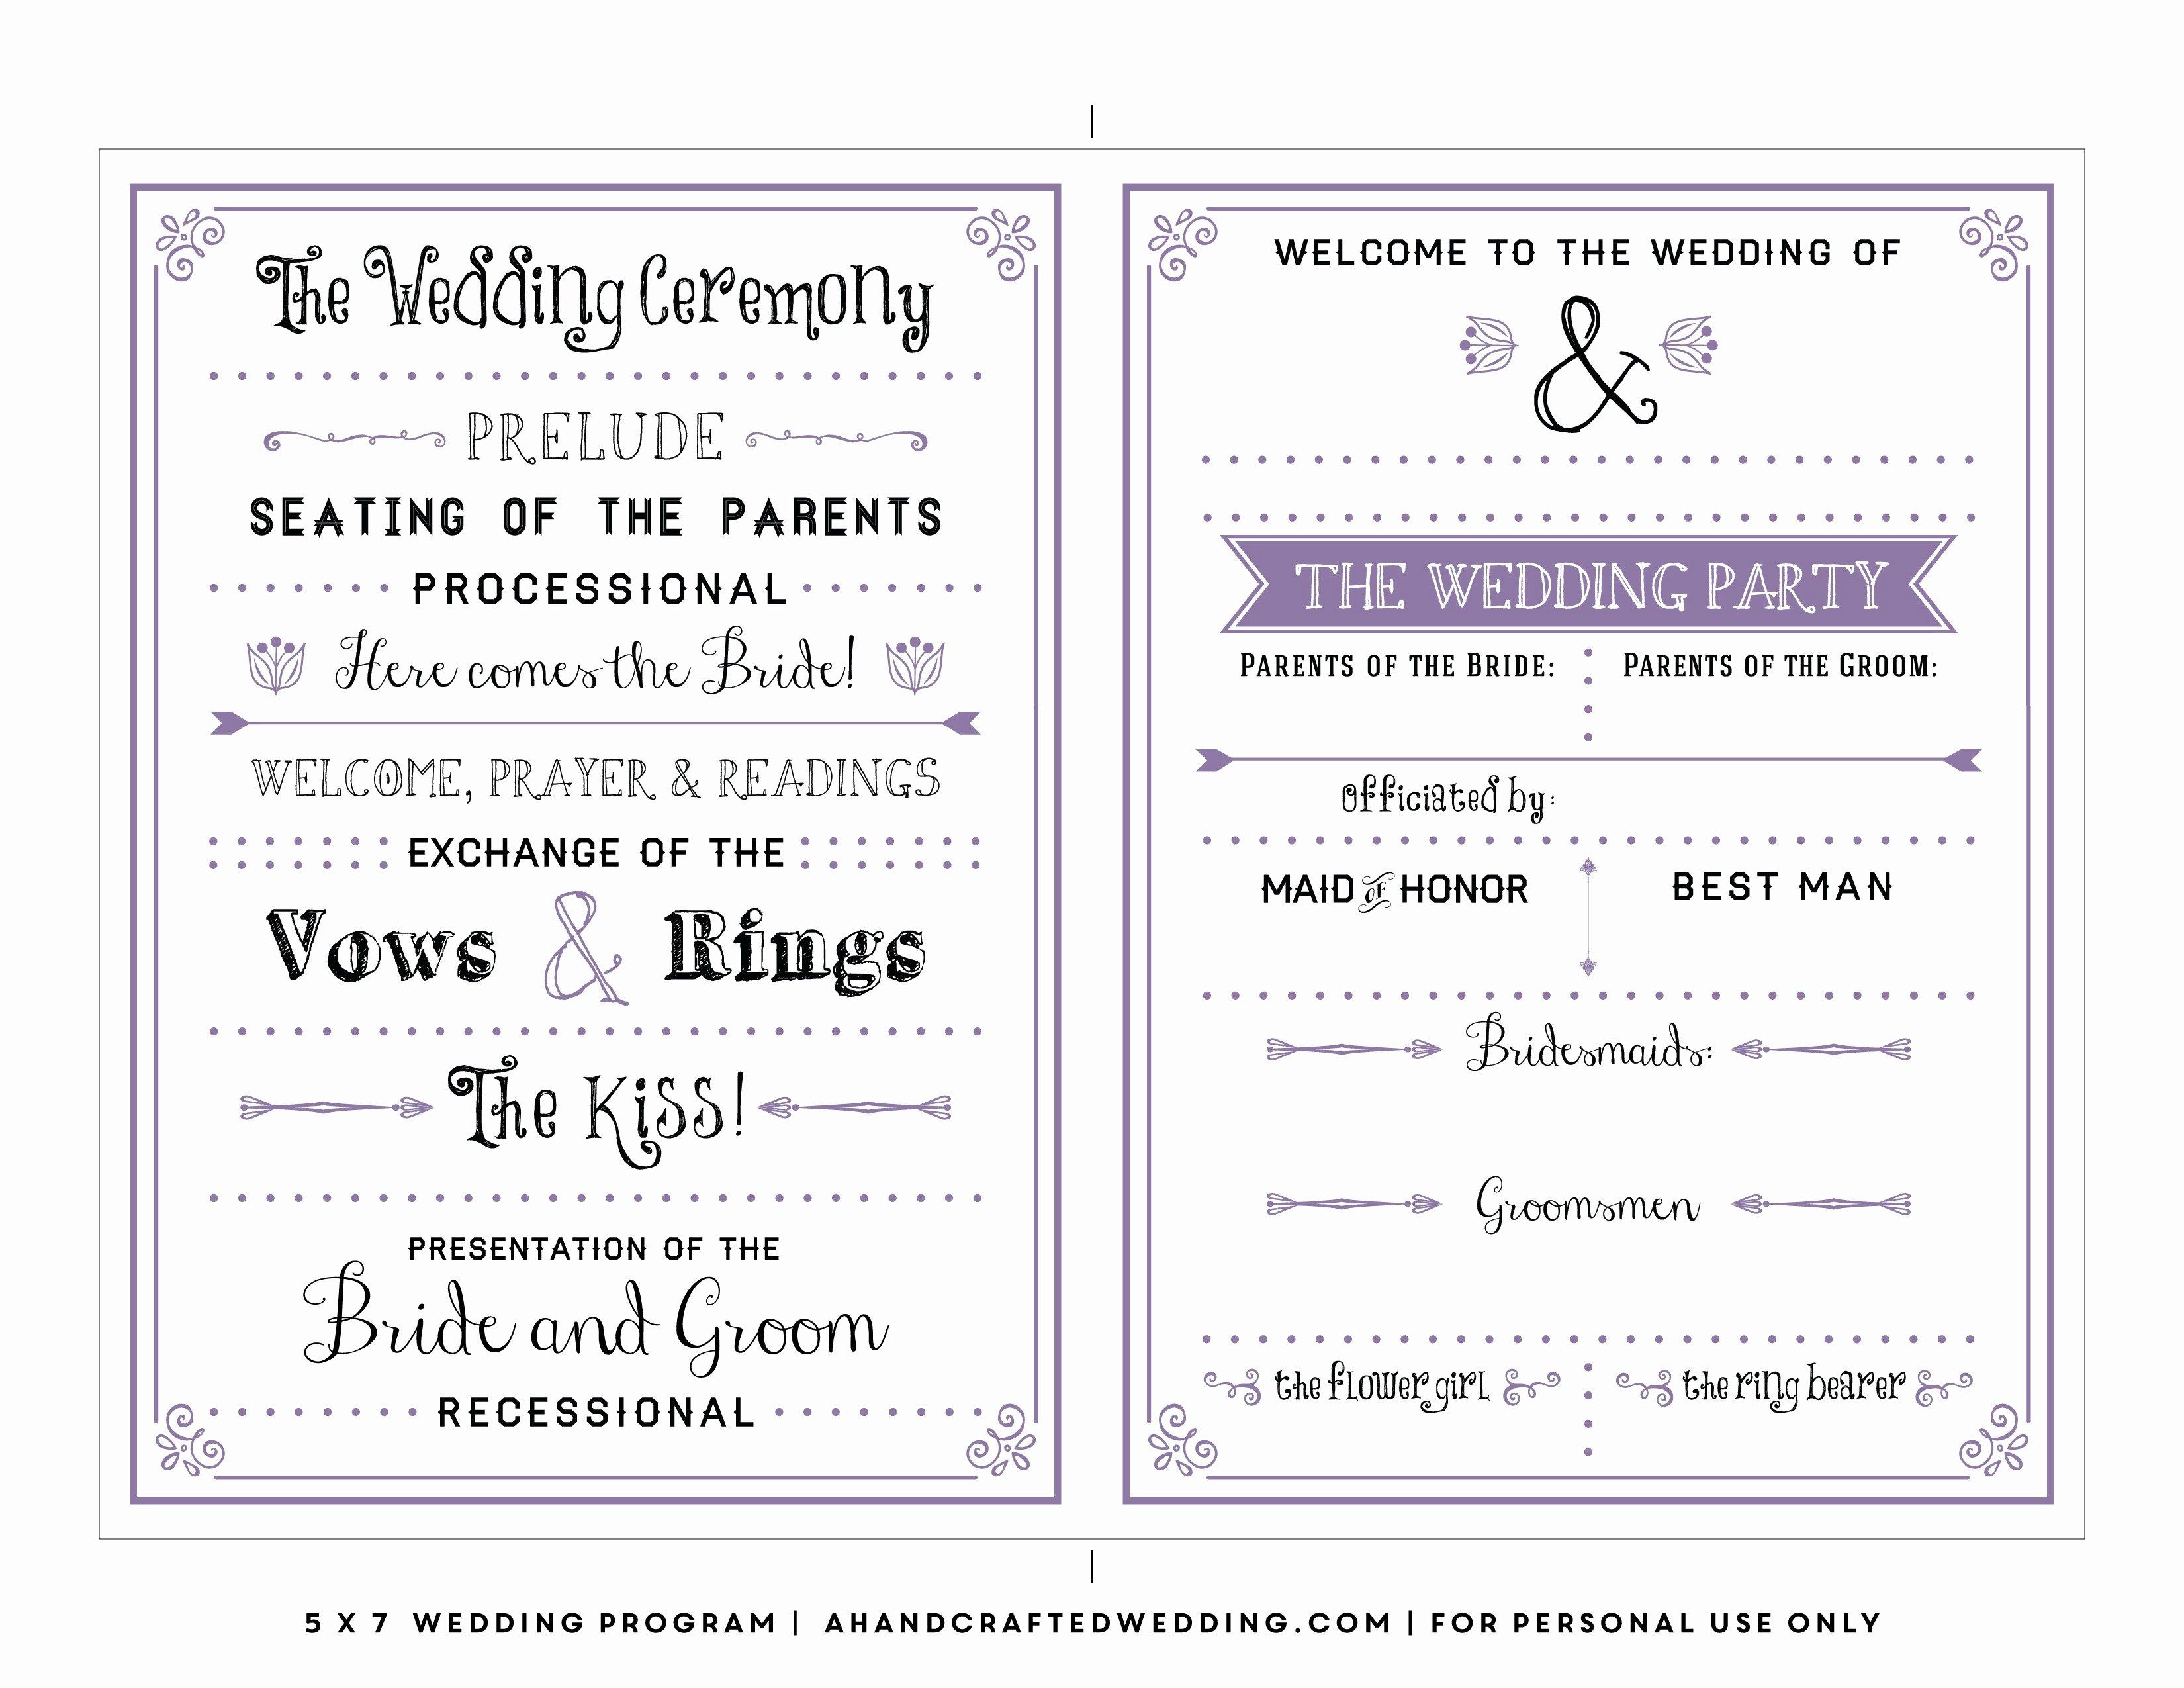 Catholic Wedding Program Templates Free Elegant Free Printable Wedding Program Templates